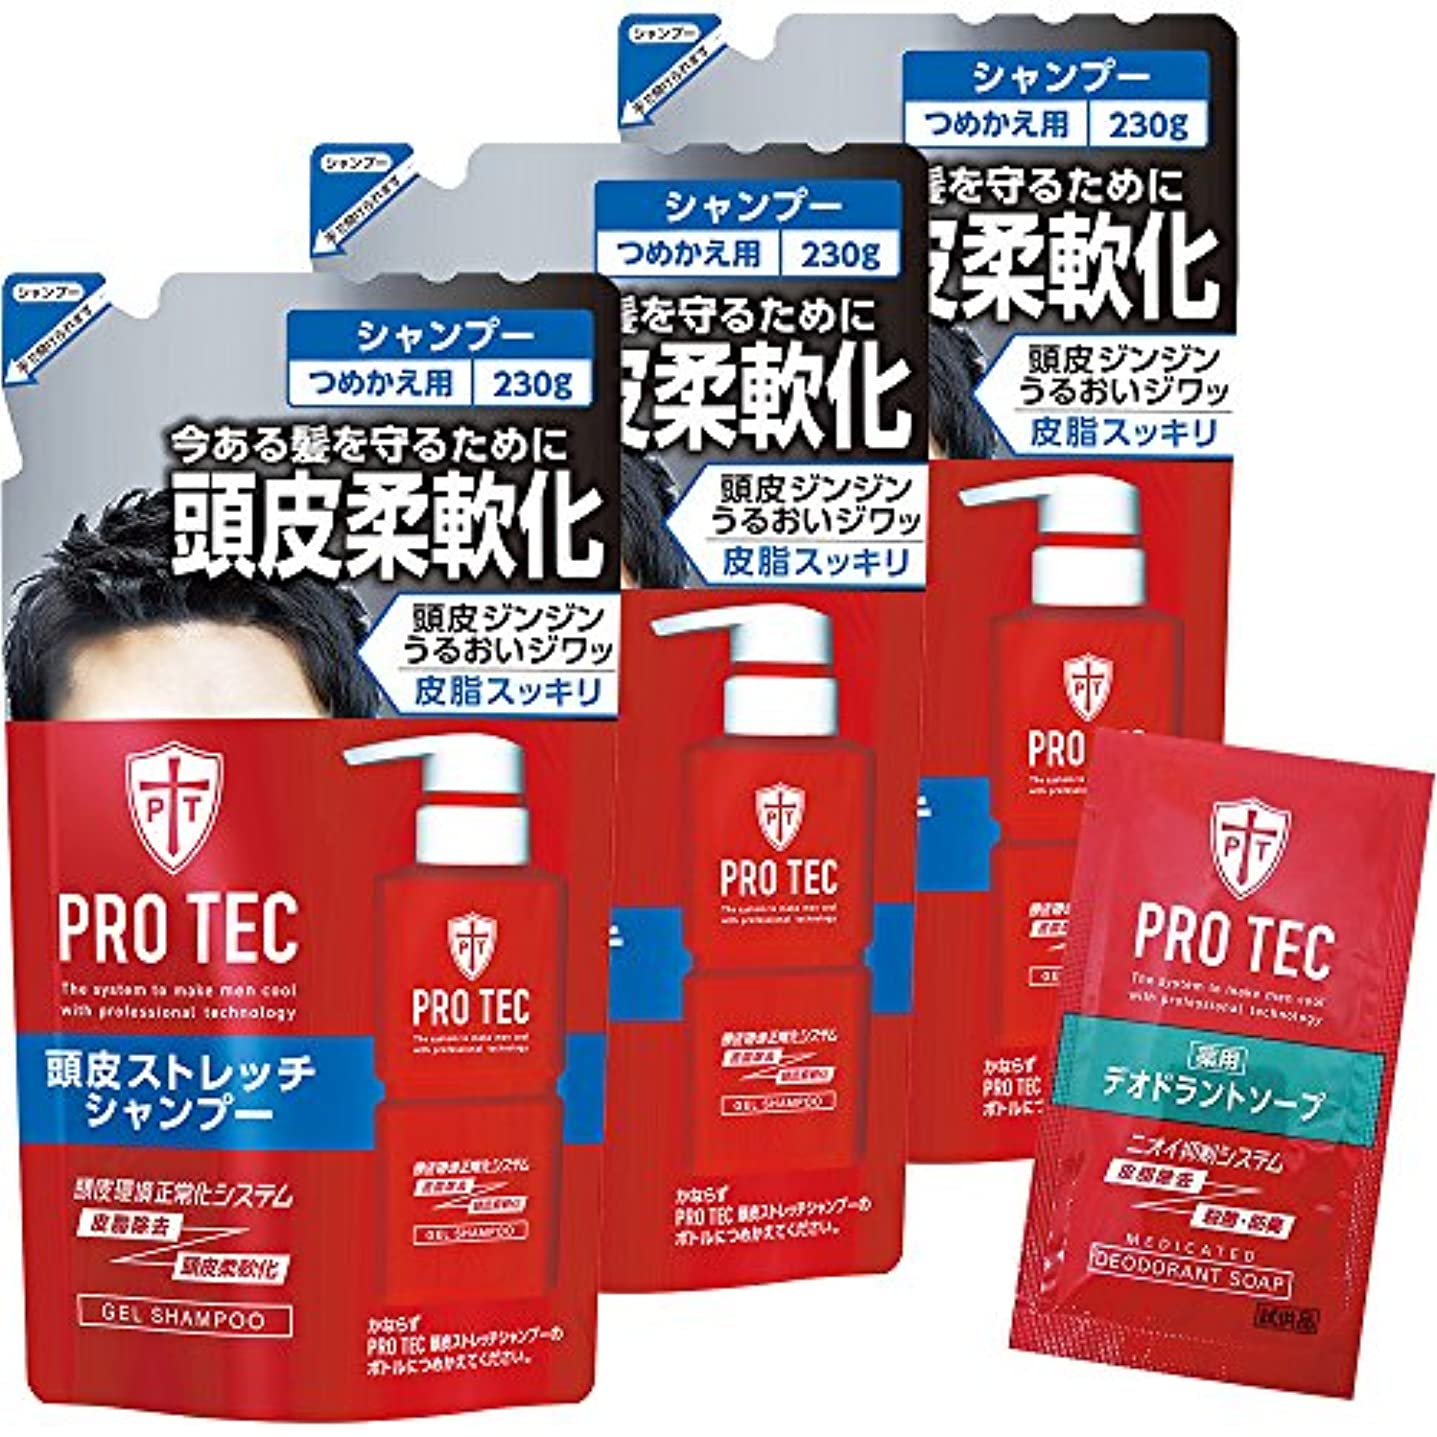 スクラブインスタントイブ【Amazon.co.jp限定】PRO TEC(プロテク) 頭皮ストレッチ シャンプー 詰め替え 230g×3個パック+デオドラントソープ1回分付(医薬部外品)